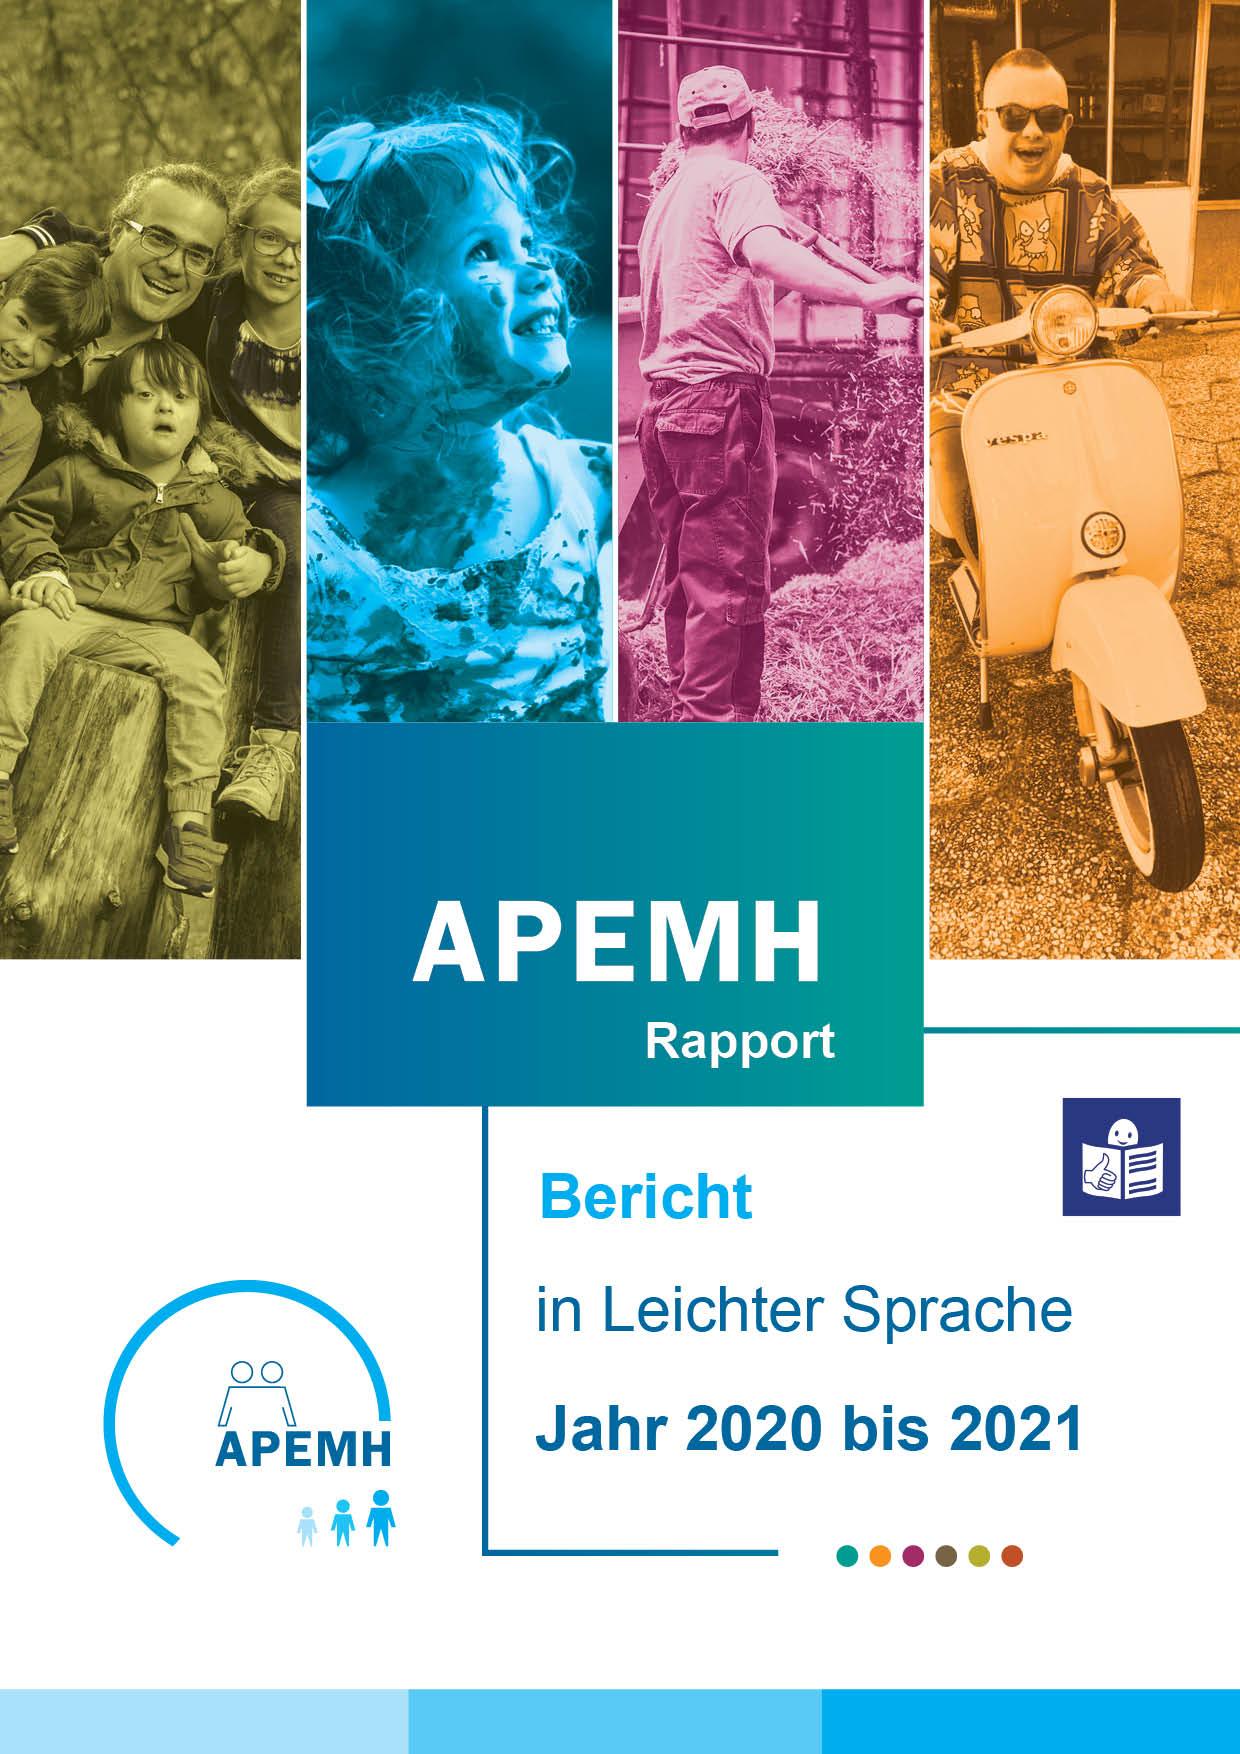 Link zum APEMH Bericht 2020 bis 2021